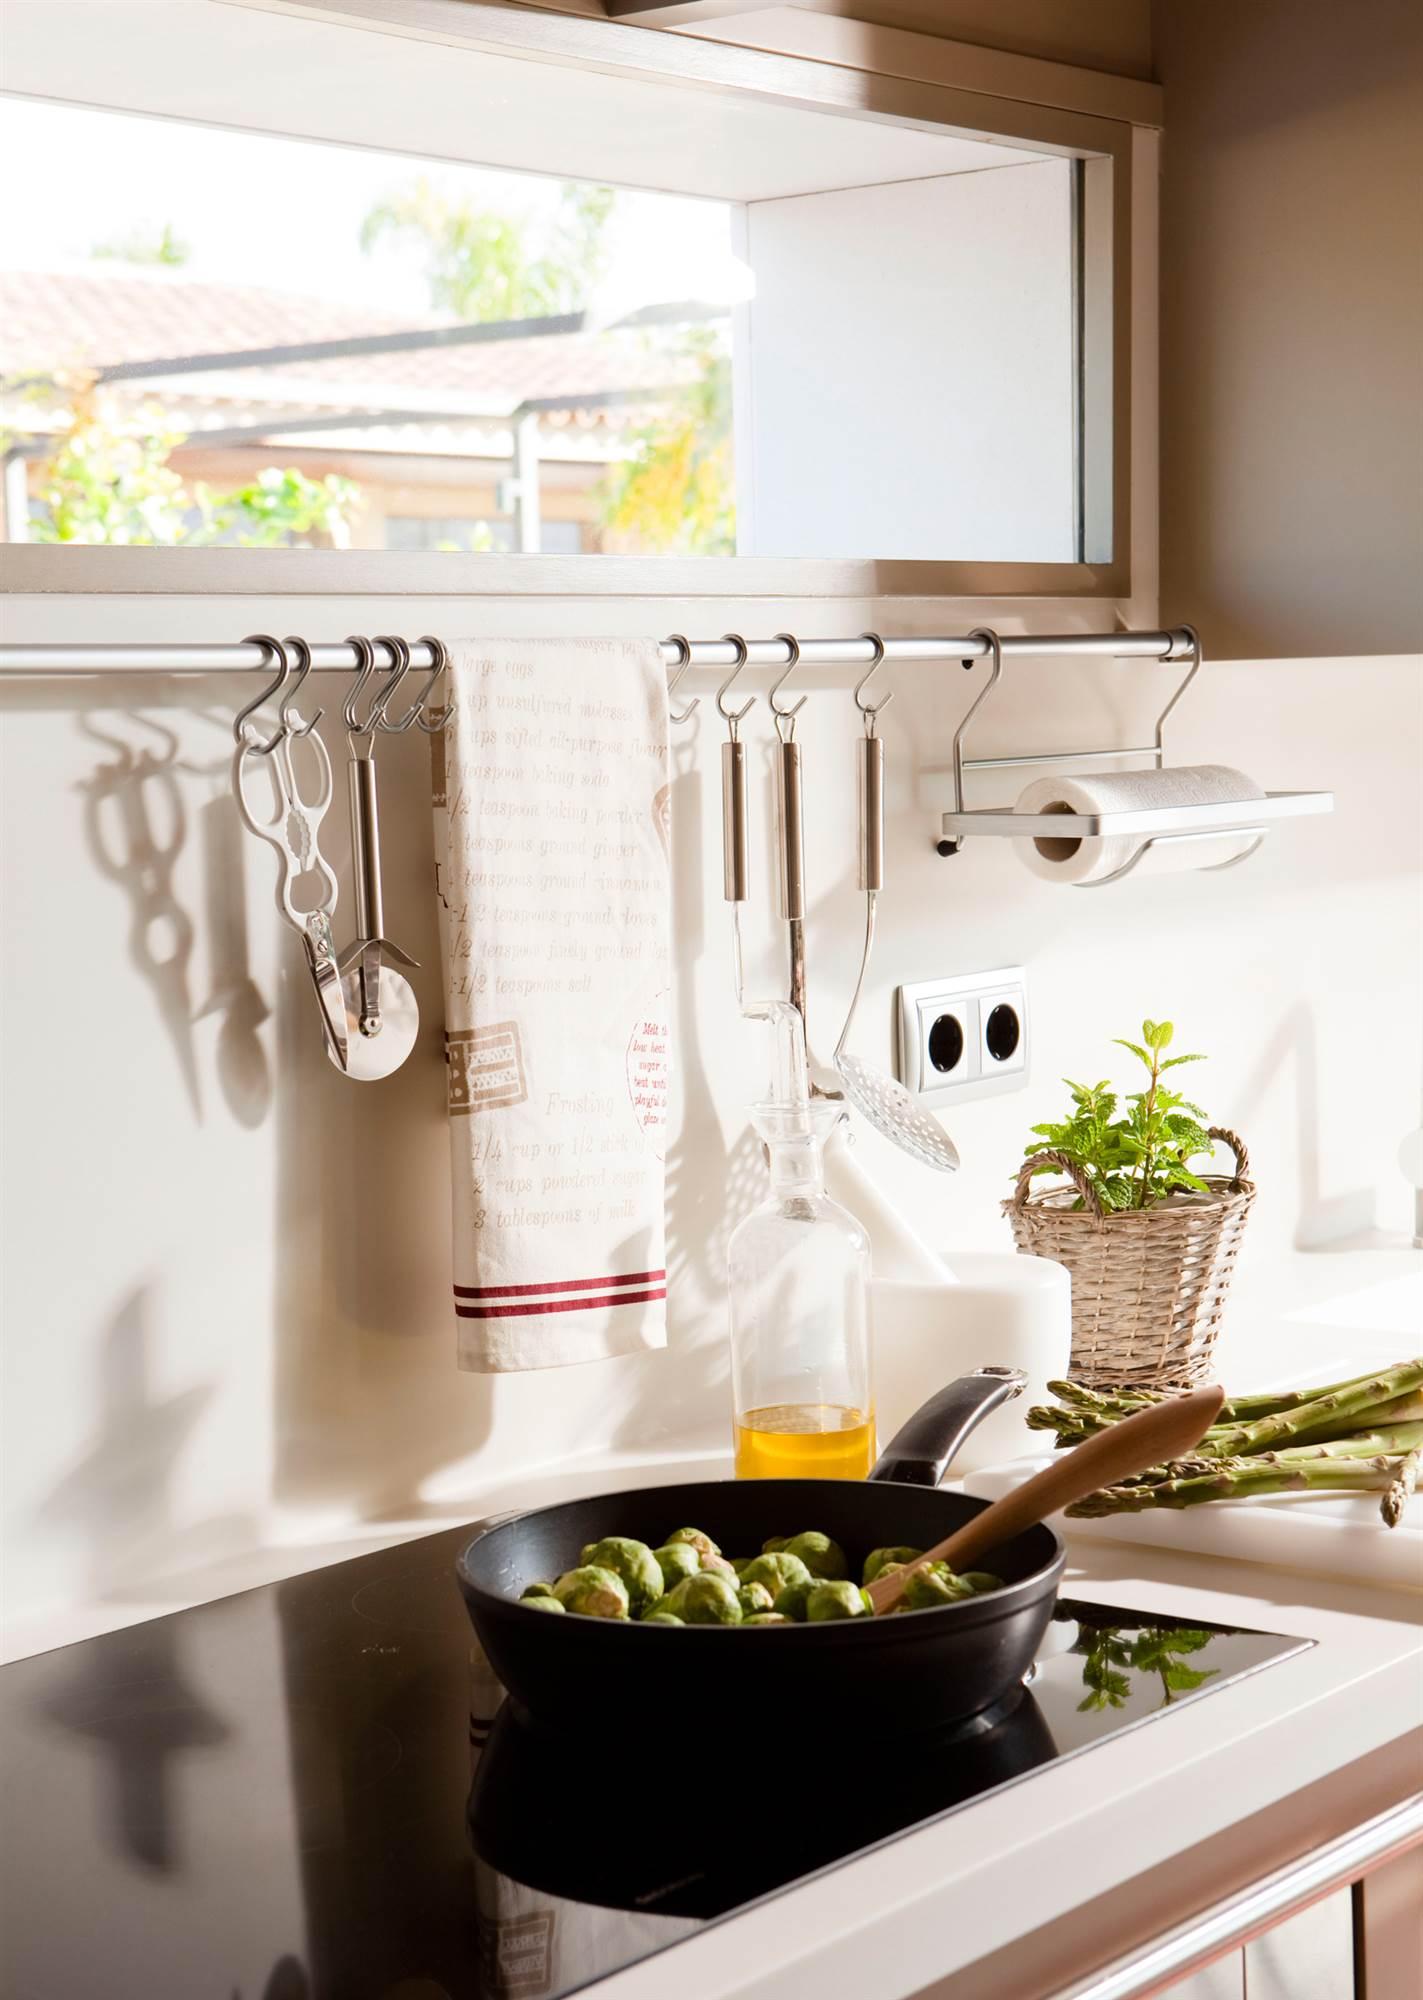 Cortar encimera leroy merlin cool best affordable muebles de cocina leroy merlin u revista - Maquina de cortar azulejos leroy merlin ...